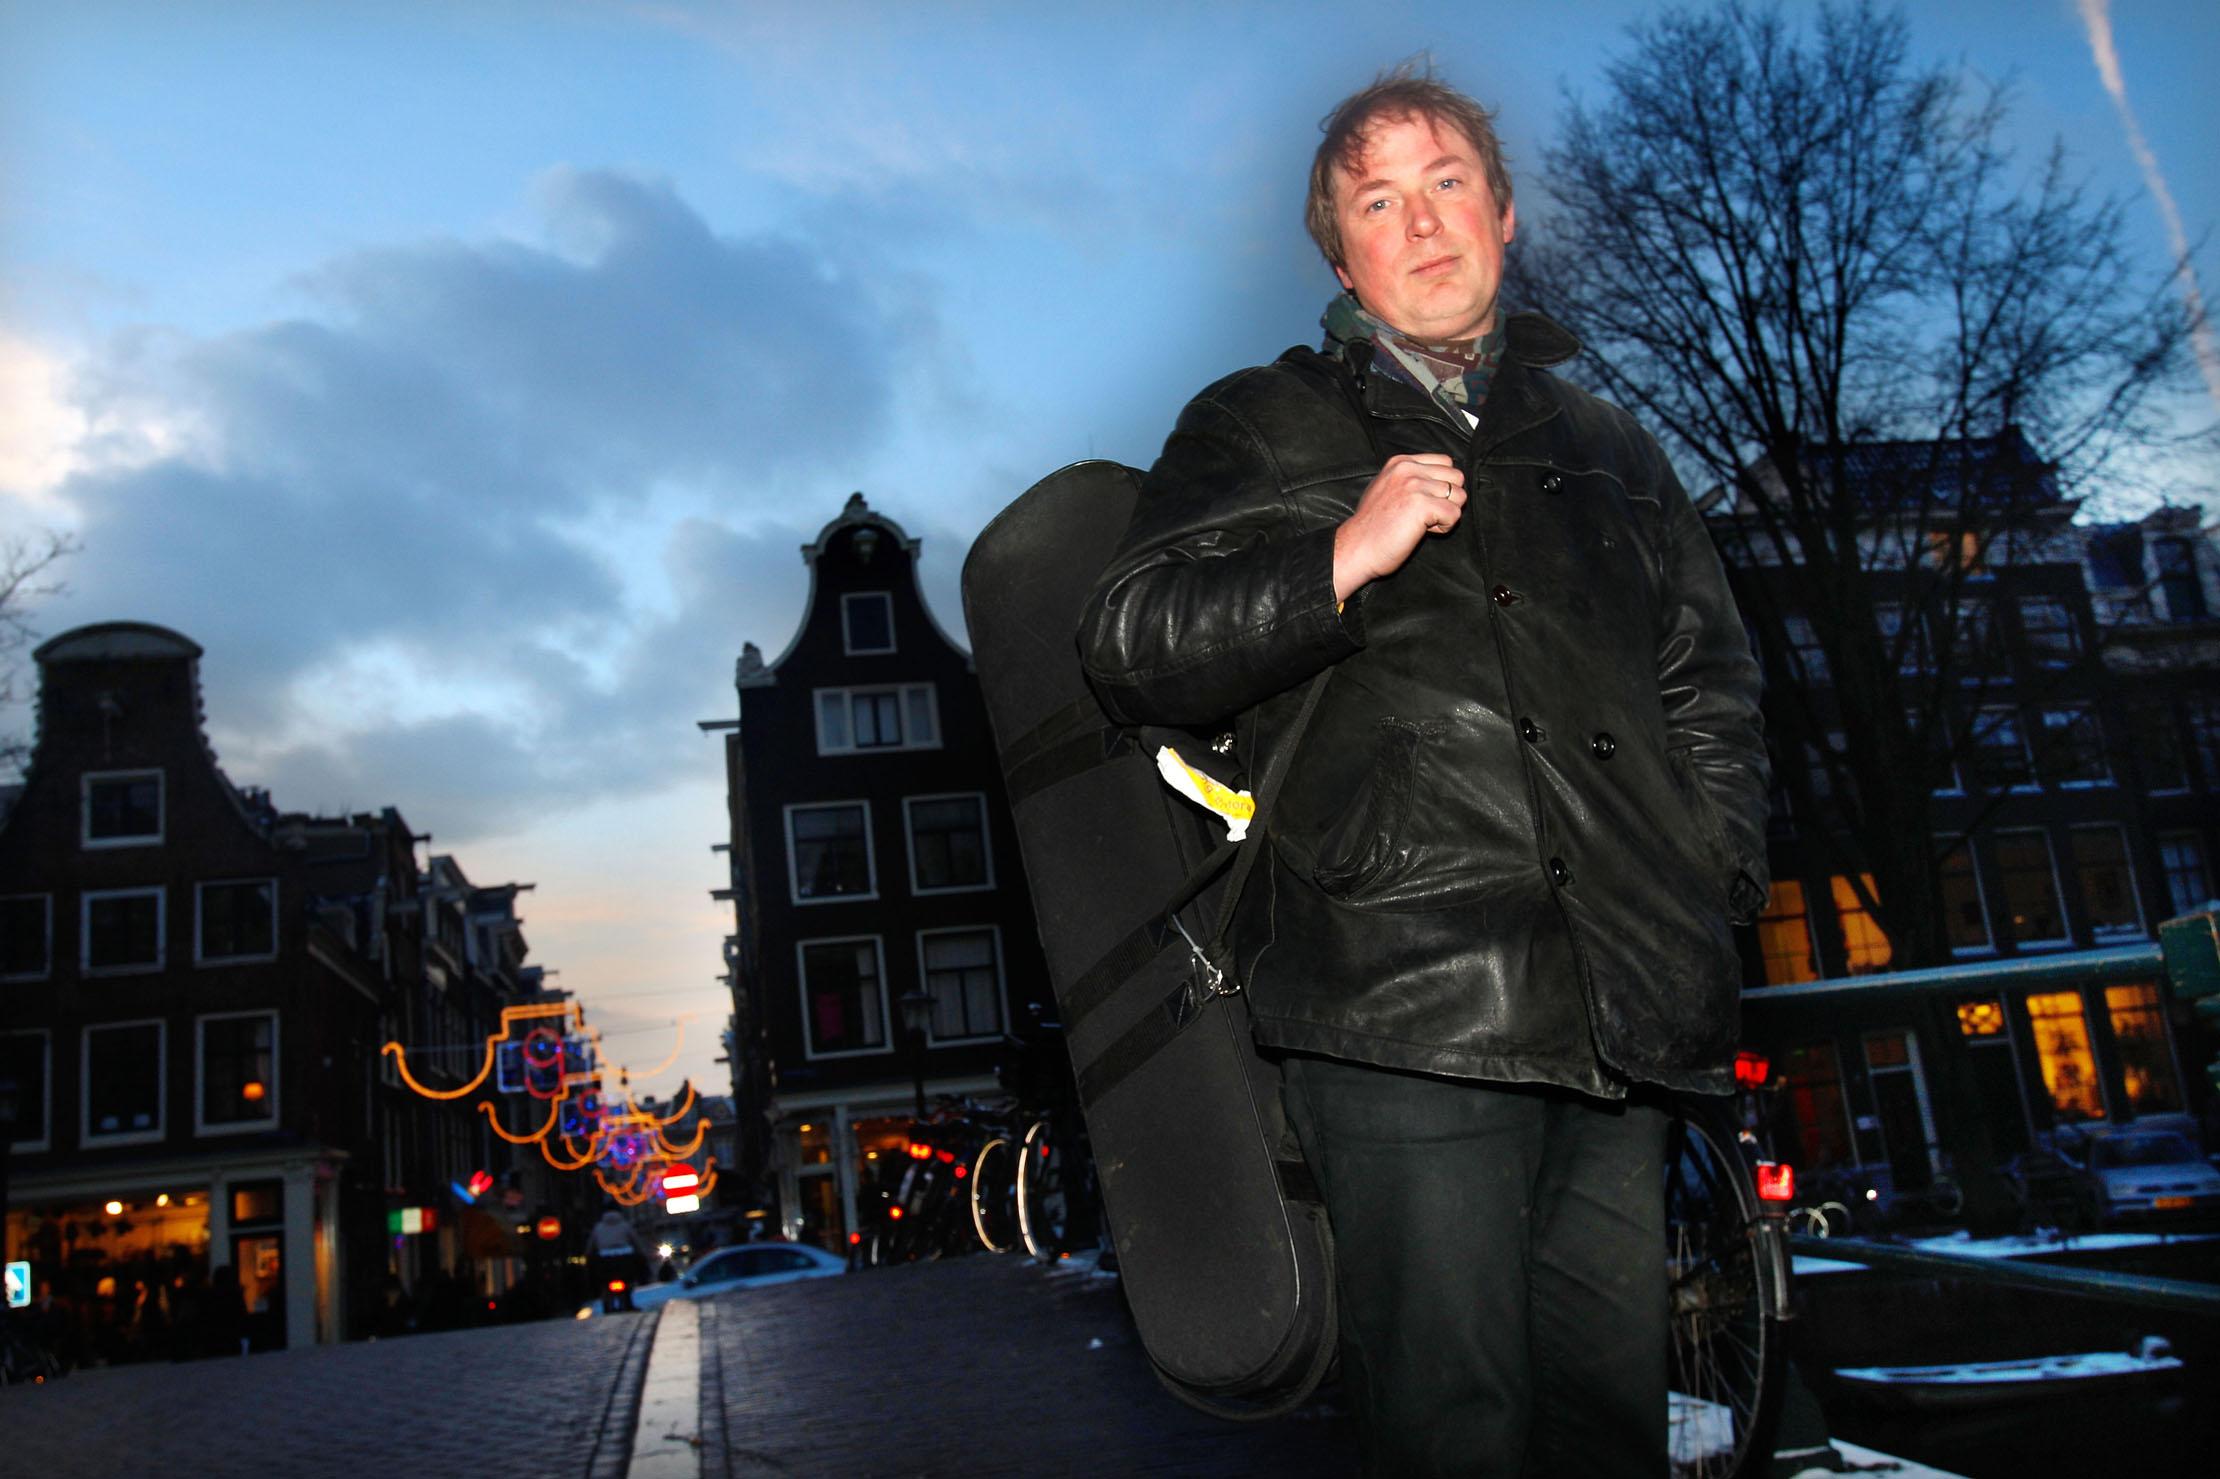 JOOP VAN DER LINDEN AMSTERDAM KLEMZER BAND